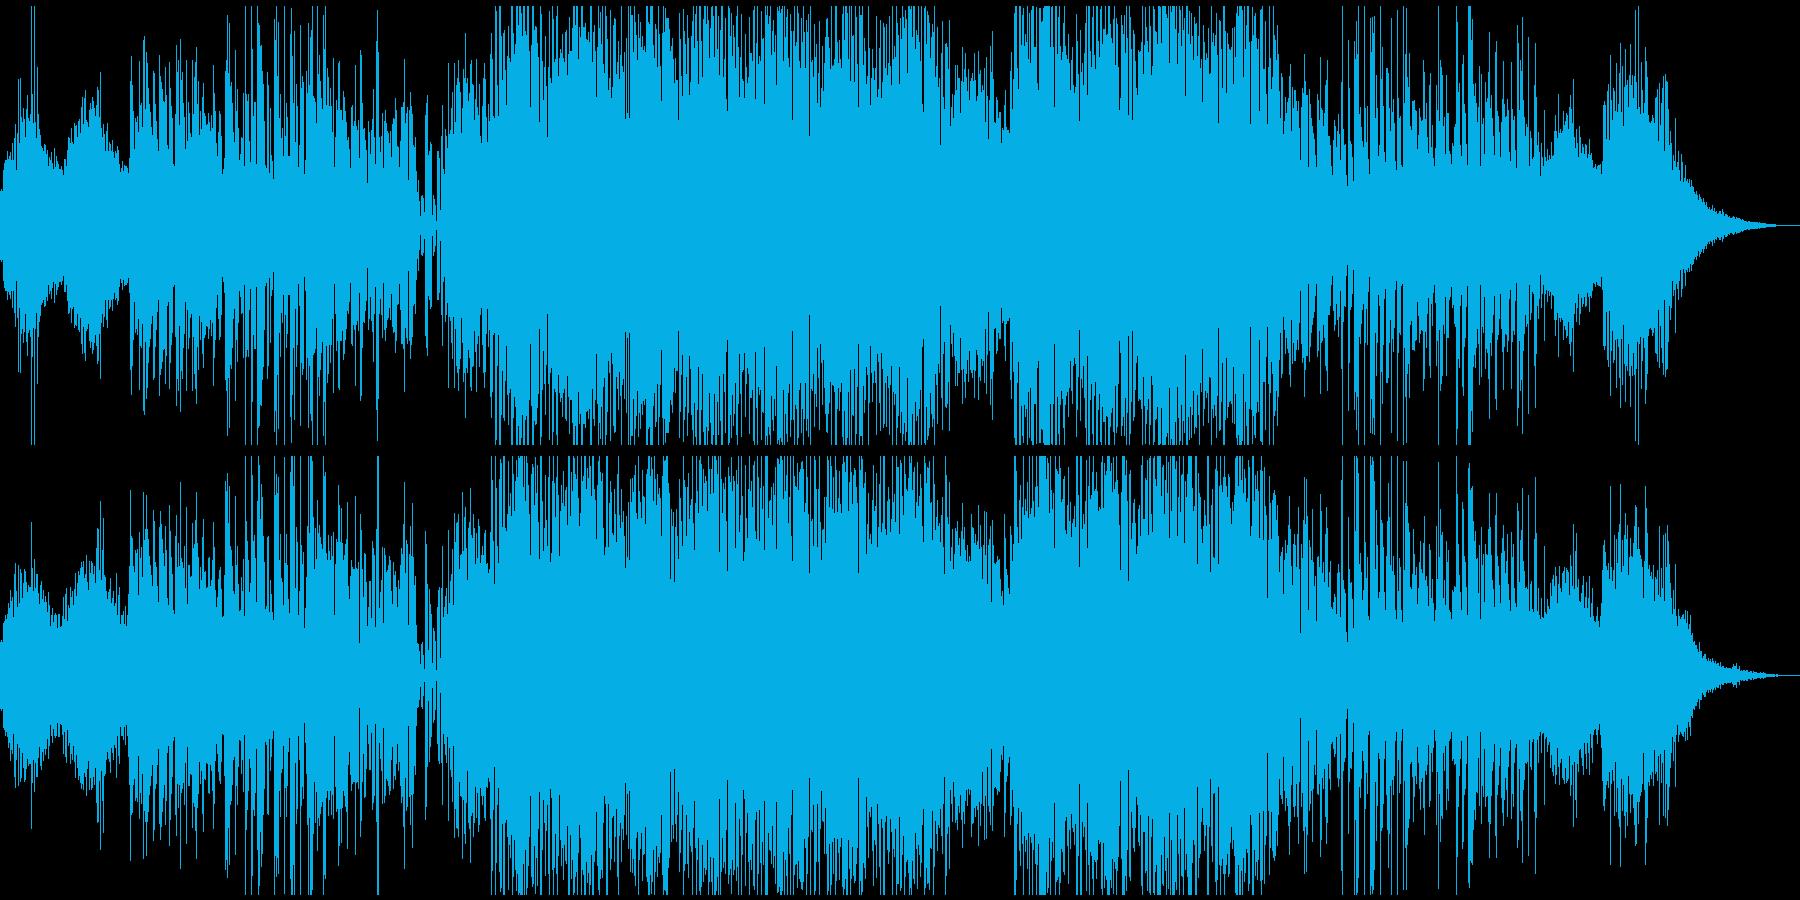 虫の声が蠢くようなアンビテクノサウンドの再生済みの波形